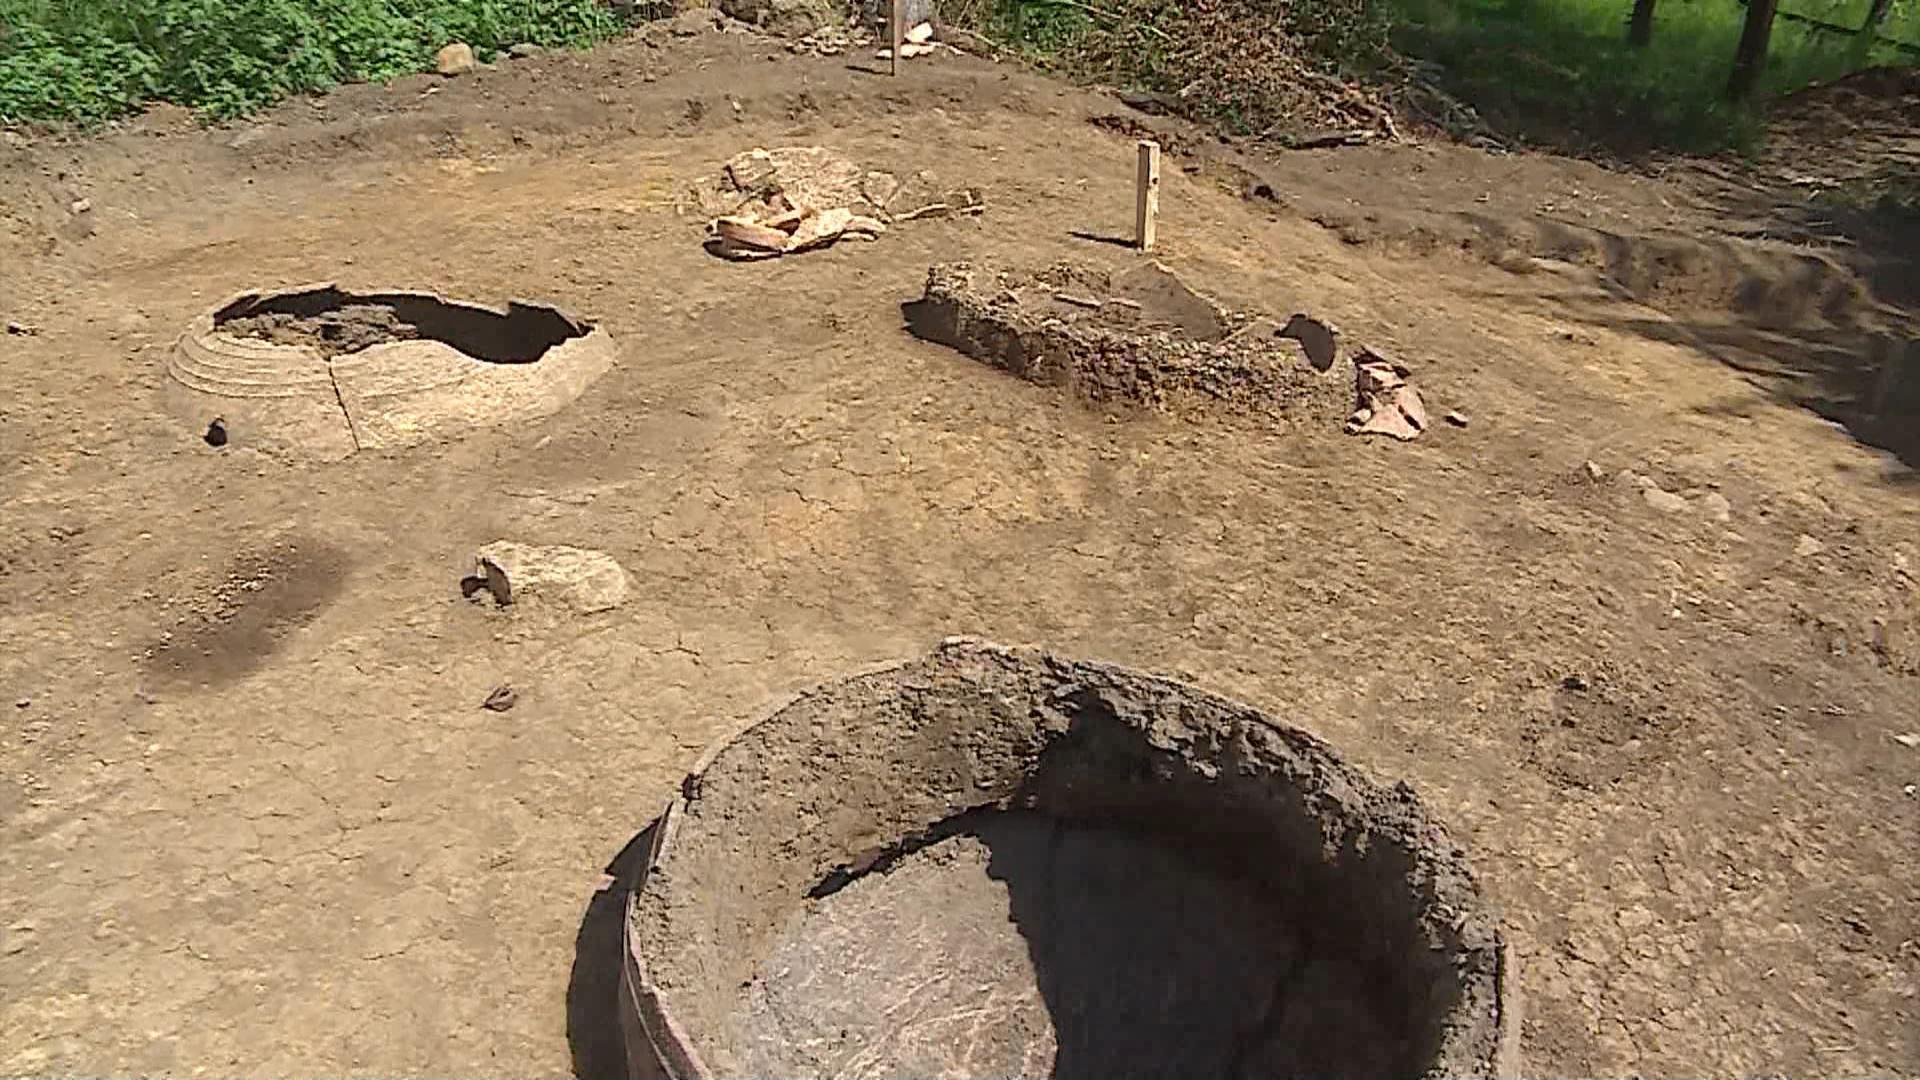 ქედაში ძველი მარანი აღმოაჩინეს